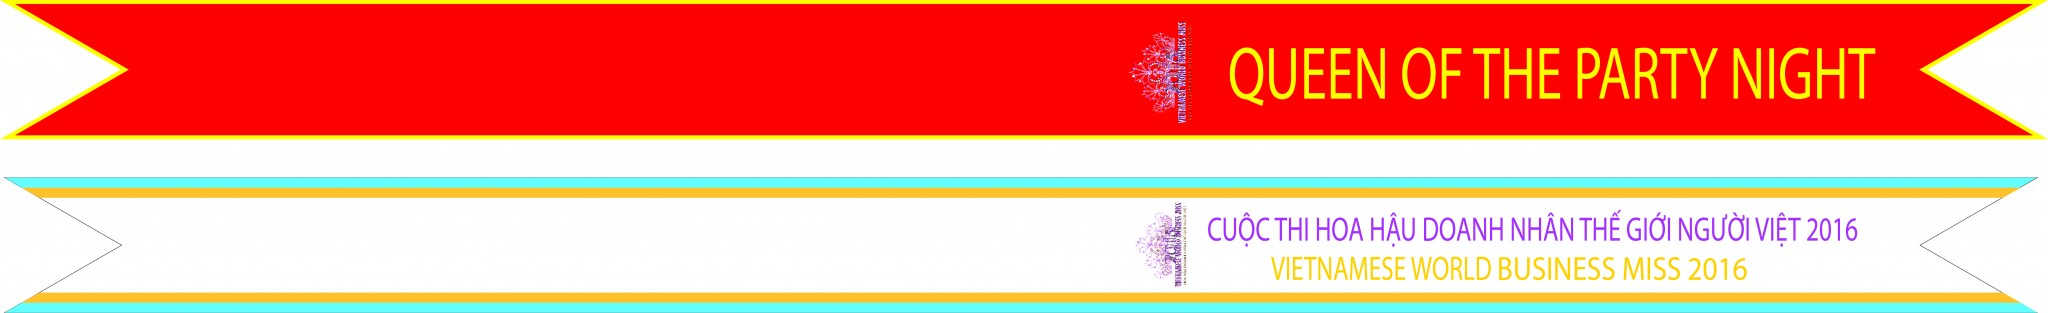 Một trong các mẫu thiết kế băng đeo chéo